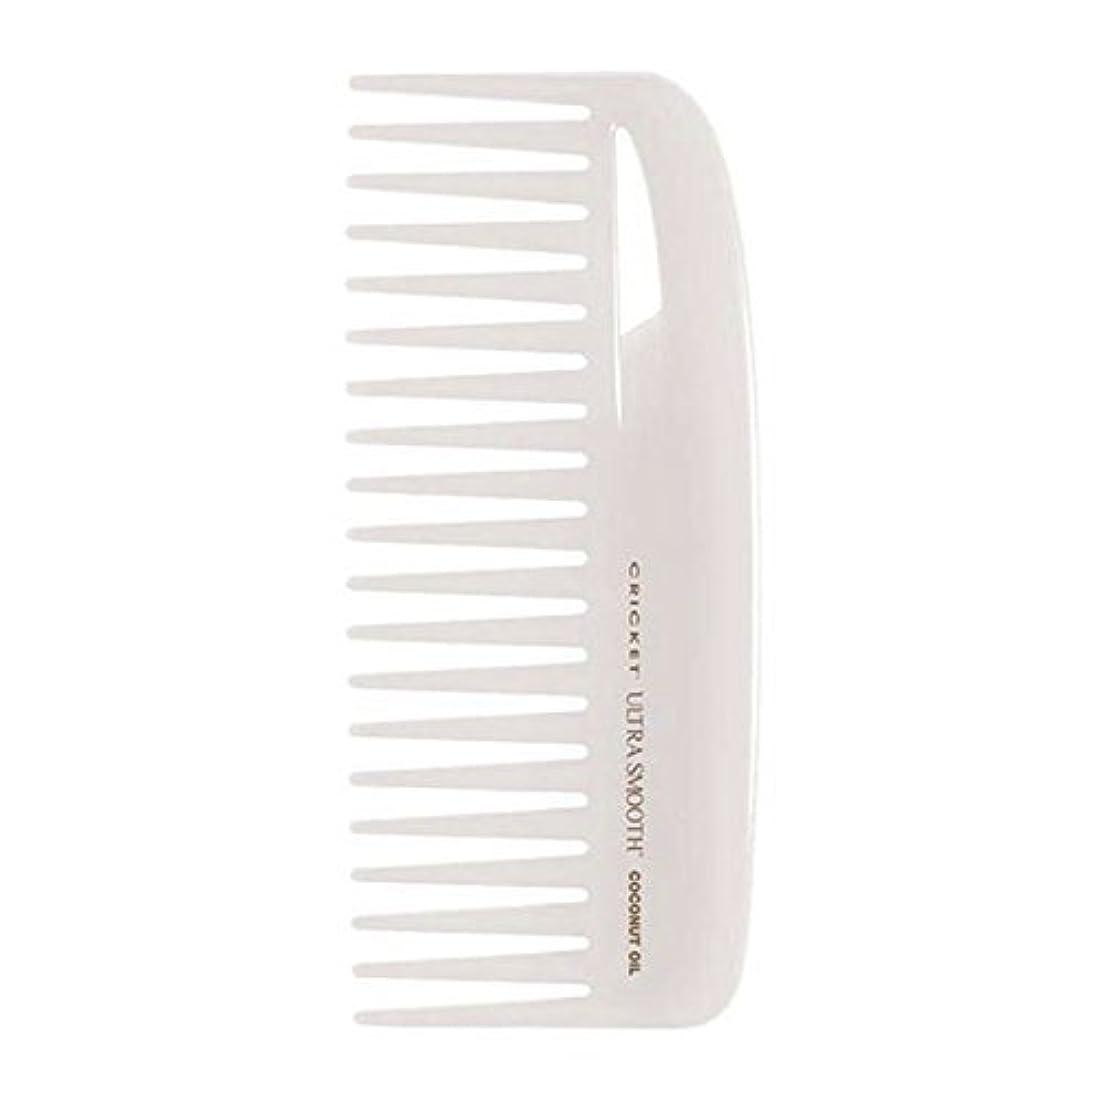 ブランデー南アメリカ遅れCricket Ultra Smooth Coconut Conditioning Comb, 1 Count [並行輸入品]